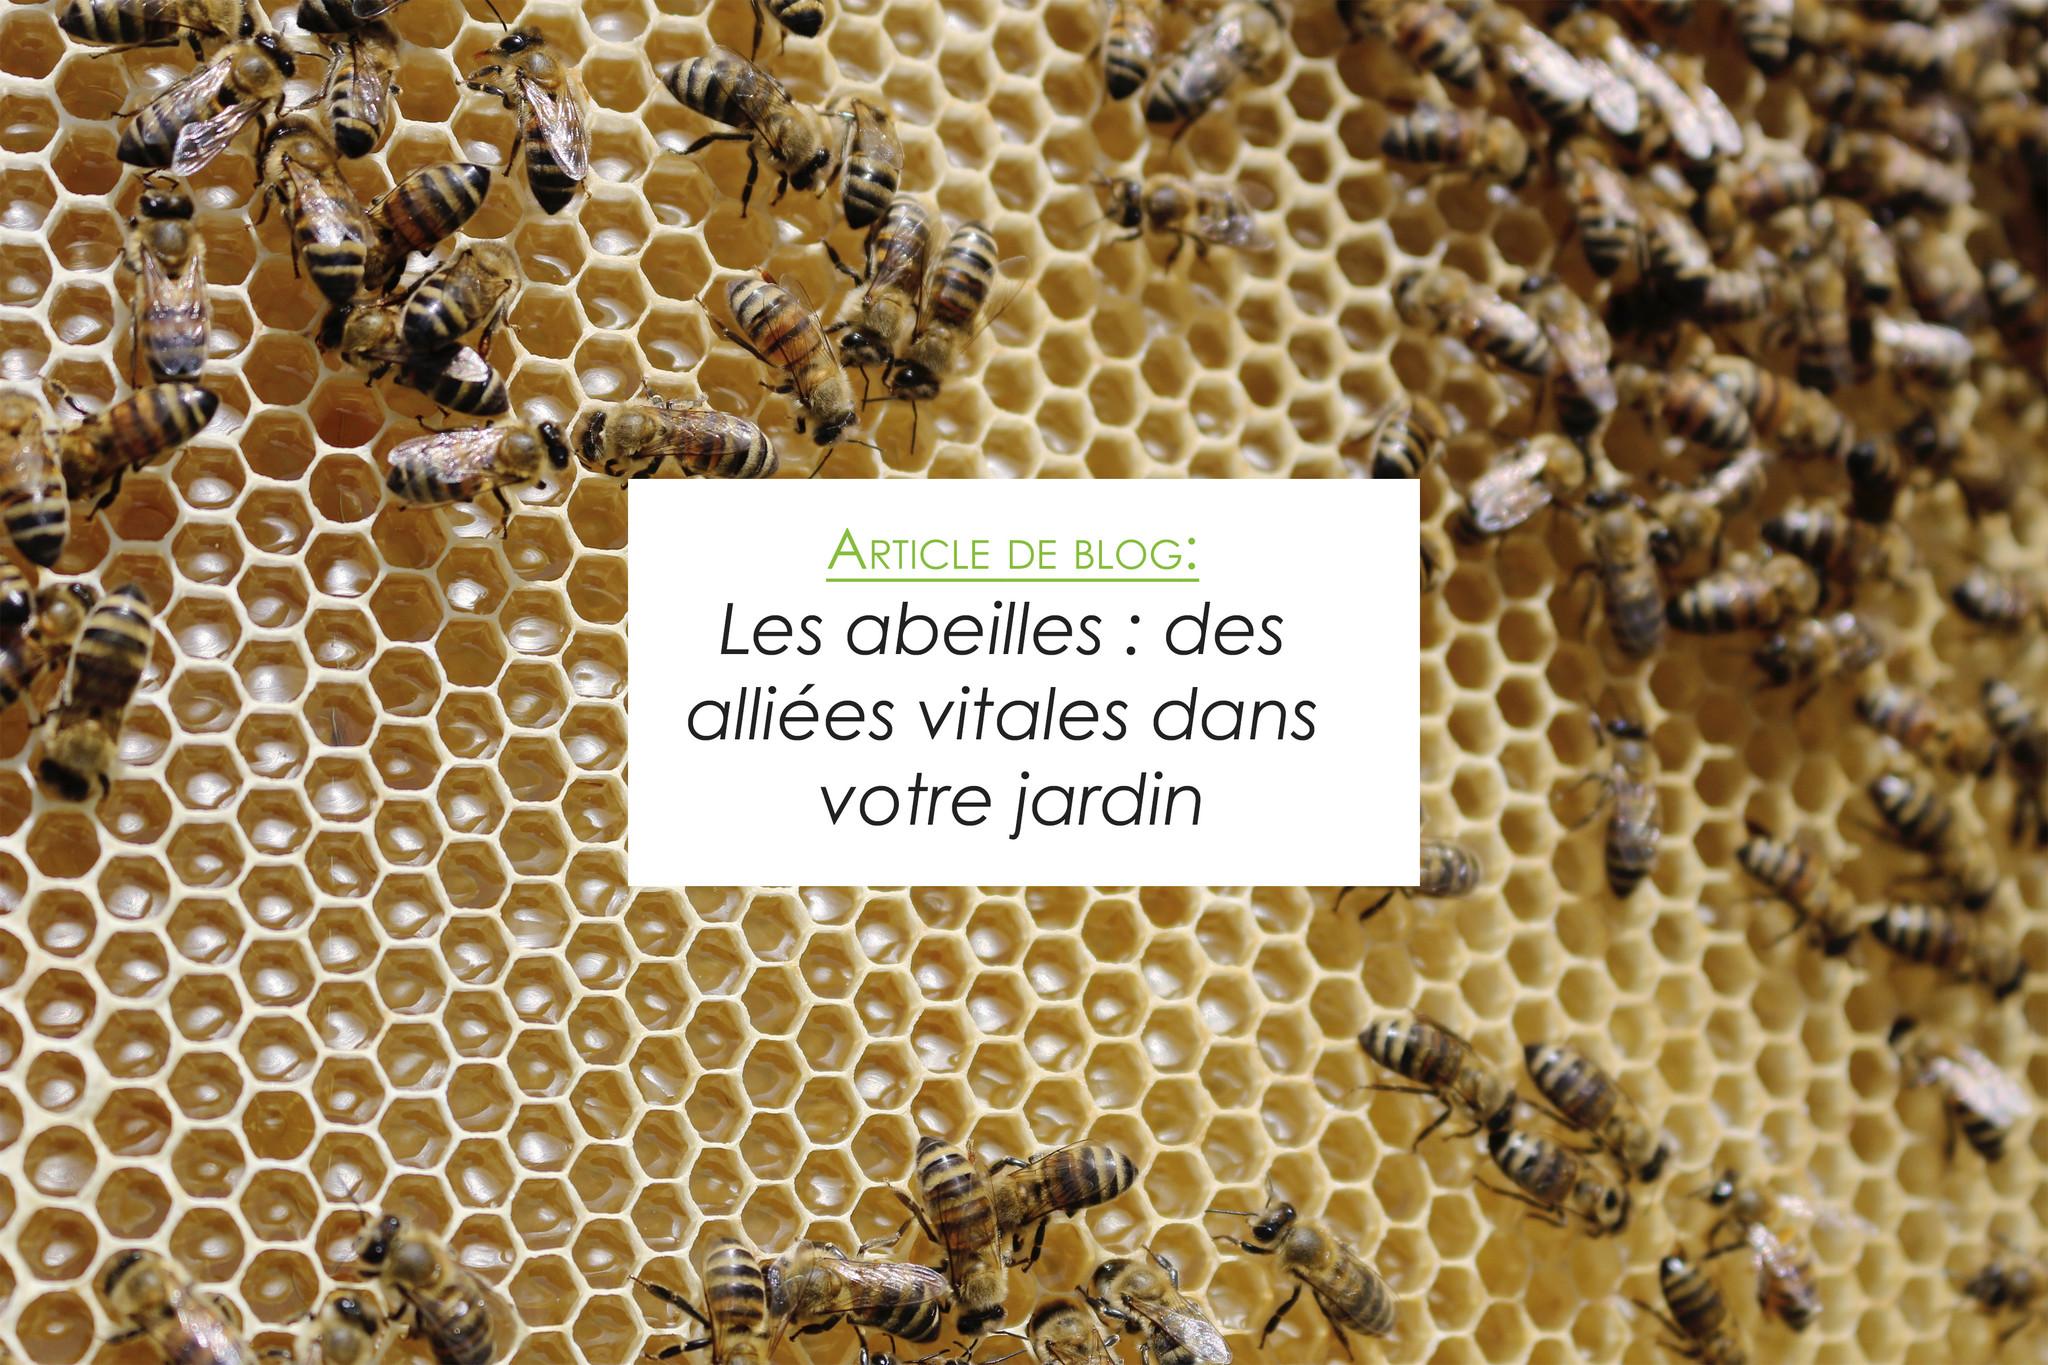 Les abeilles : des alliées vitales dans votre jardin